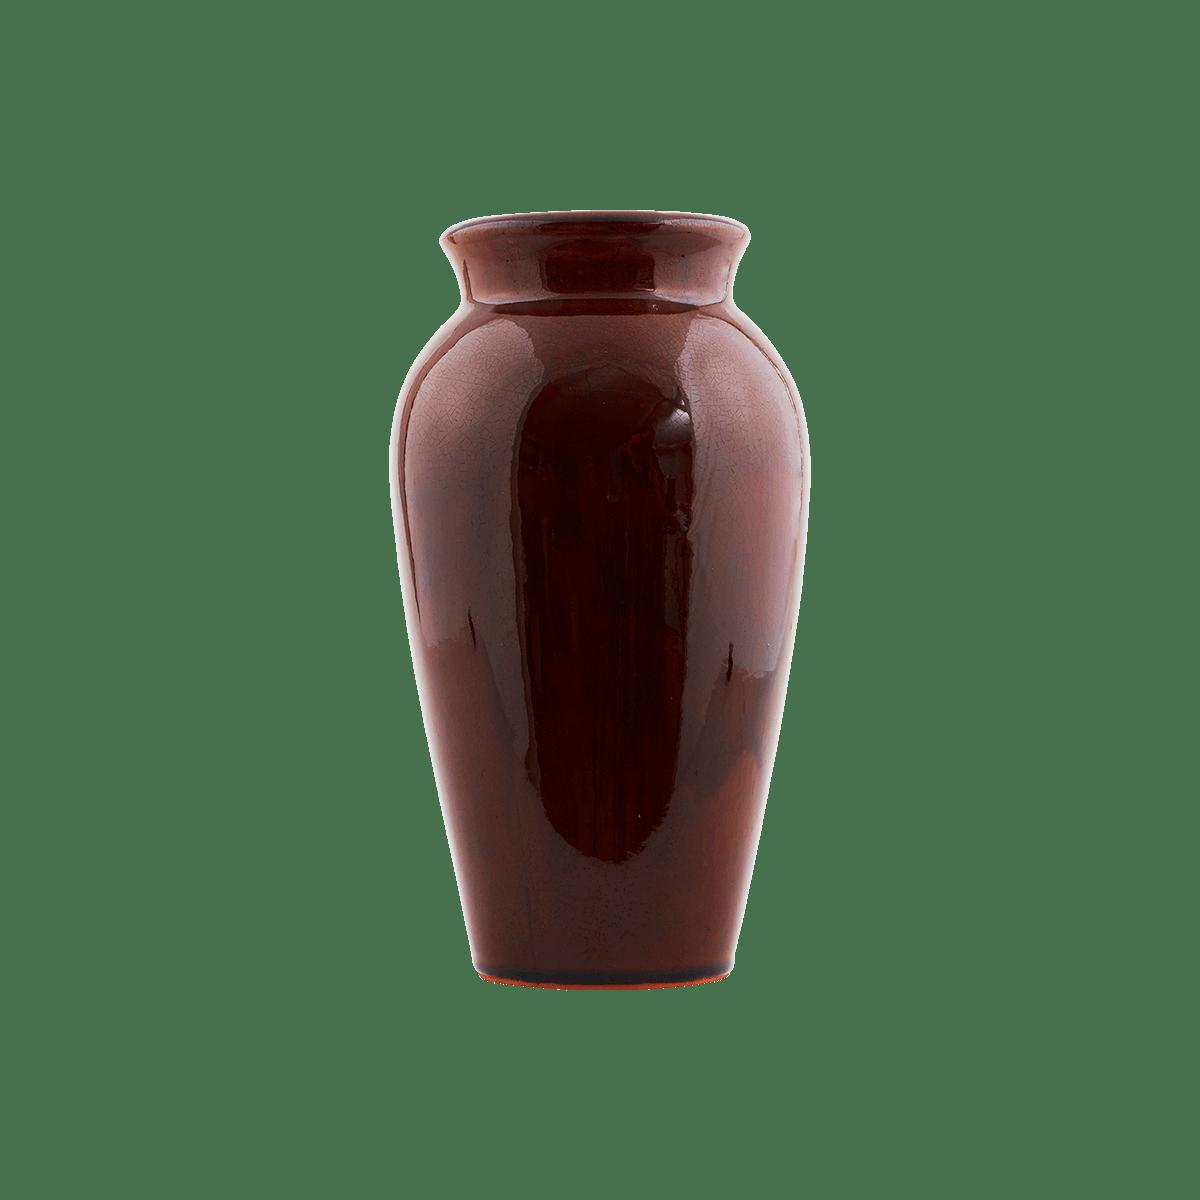 Hnědá váza Antique malá